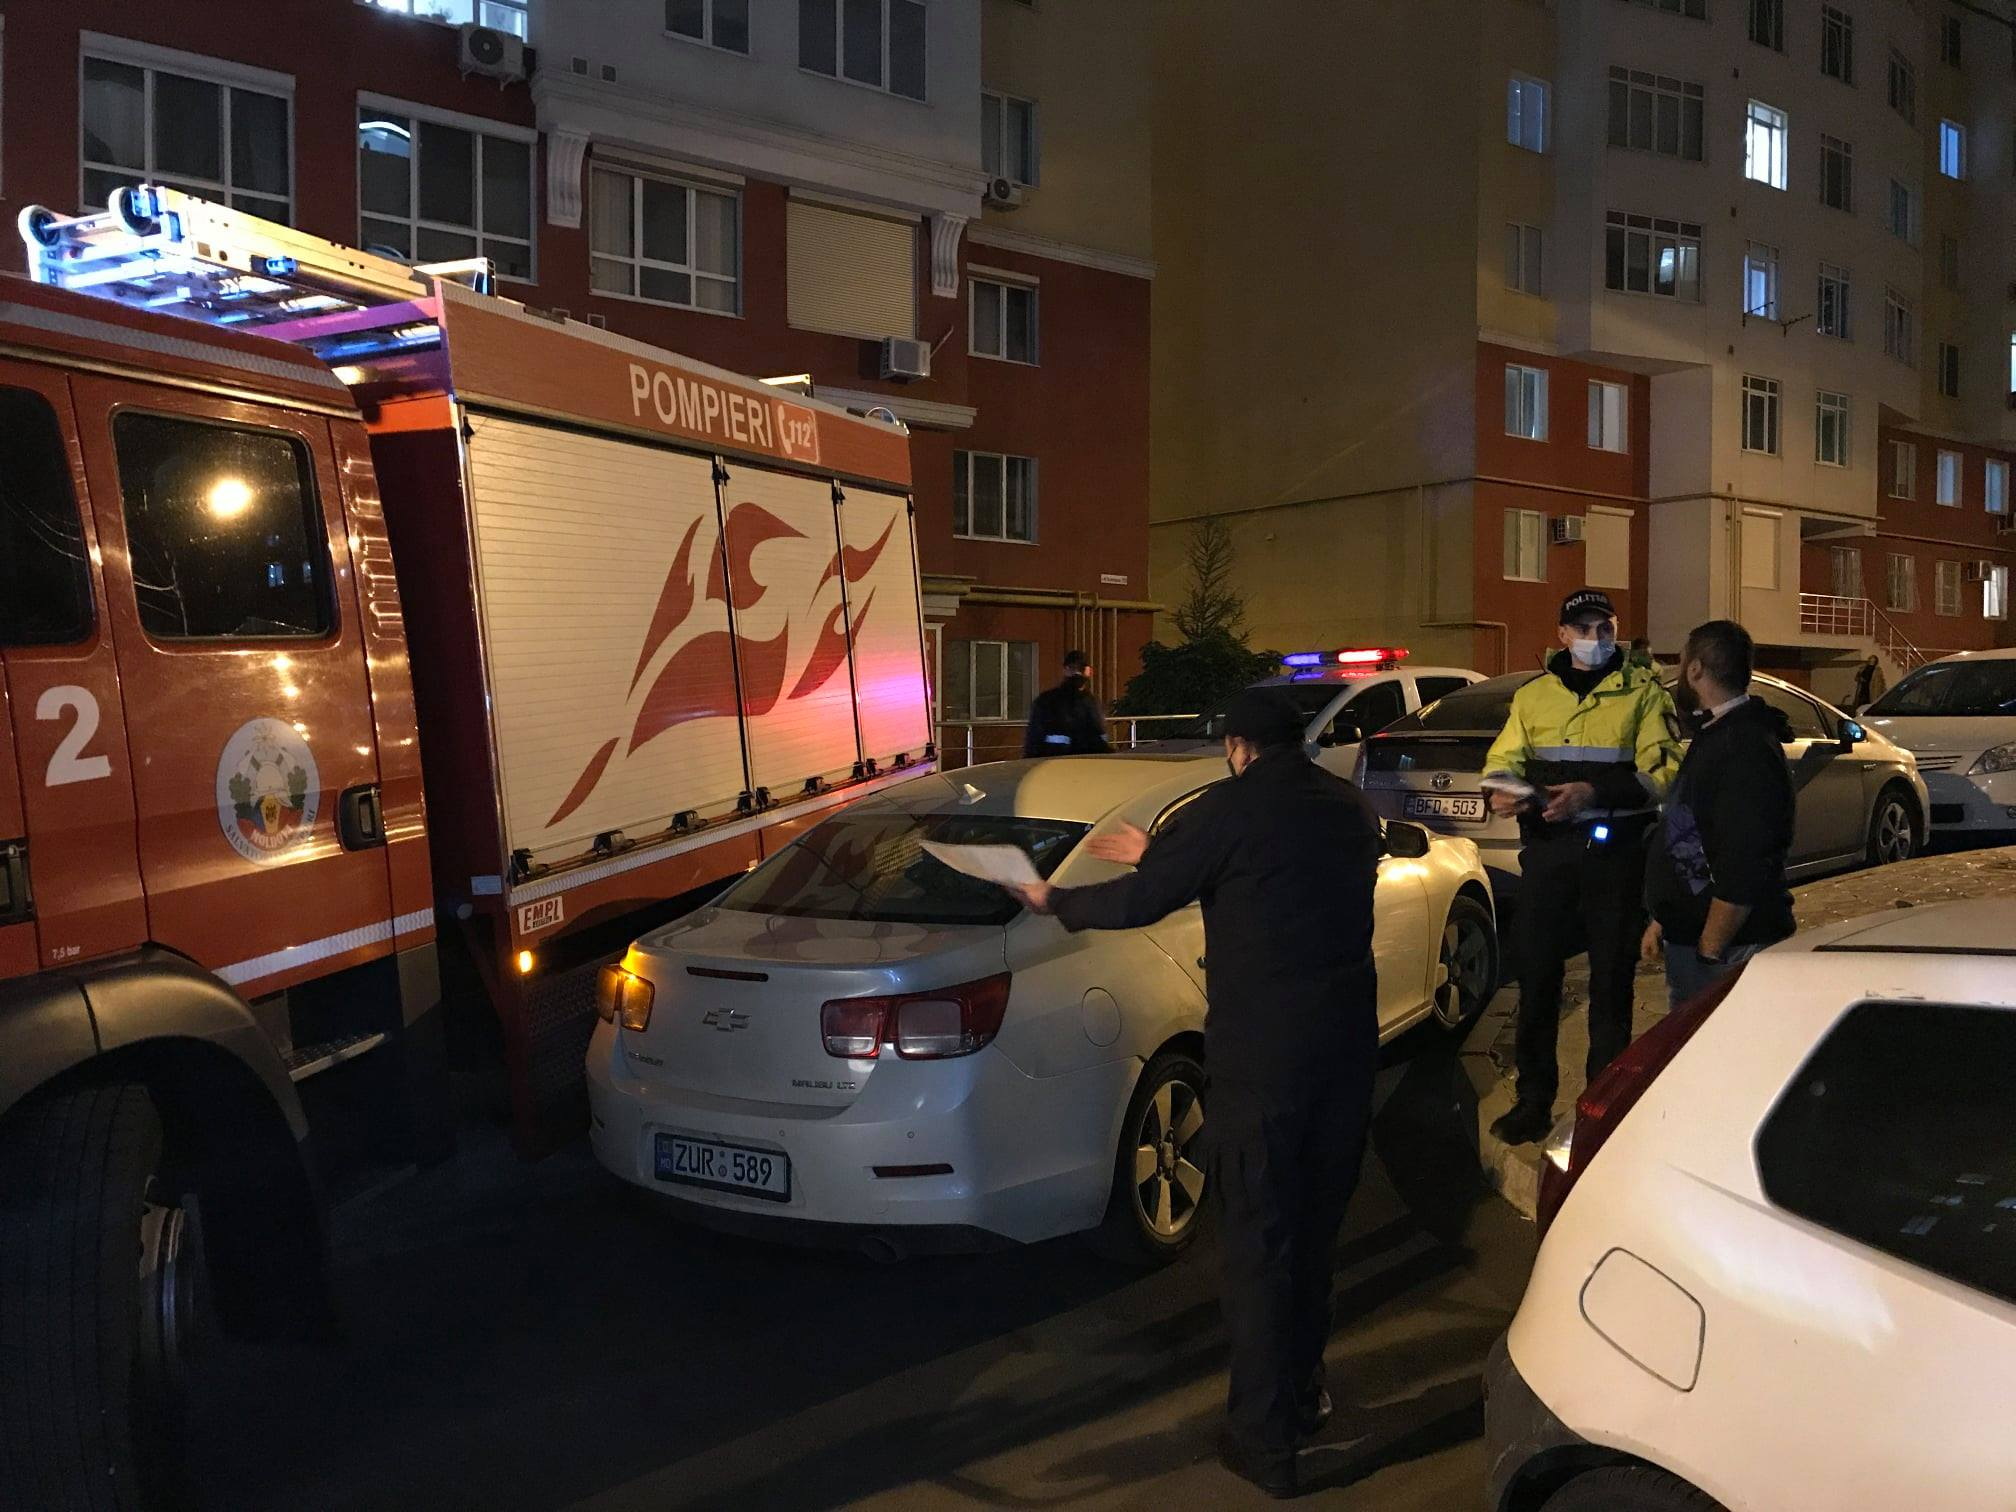 ВКишиневе пожарные несмогли подъехать кнескольким домам из-за неправильно припаркованных машин (ФОТО)